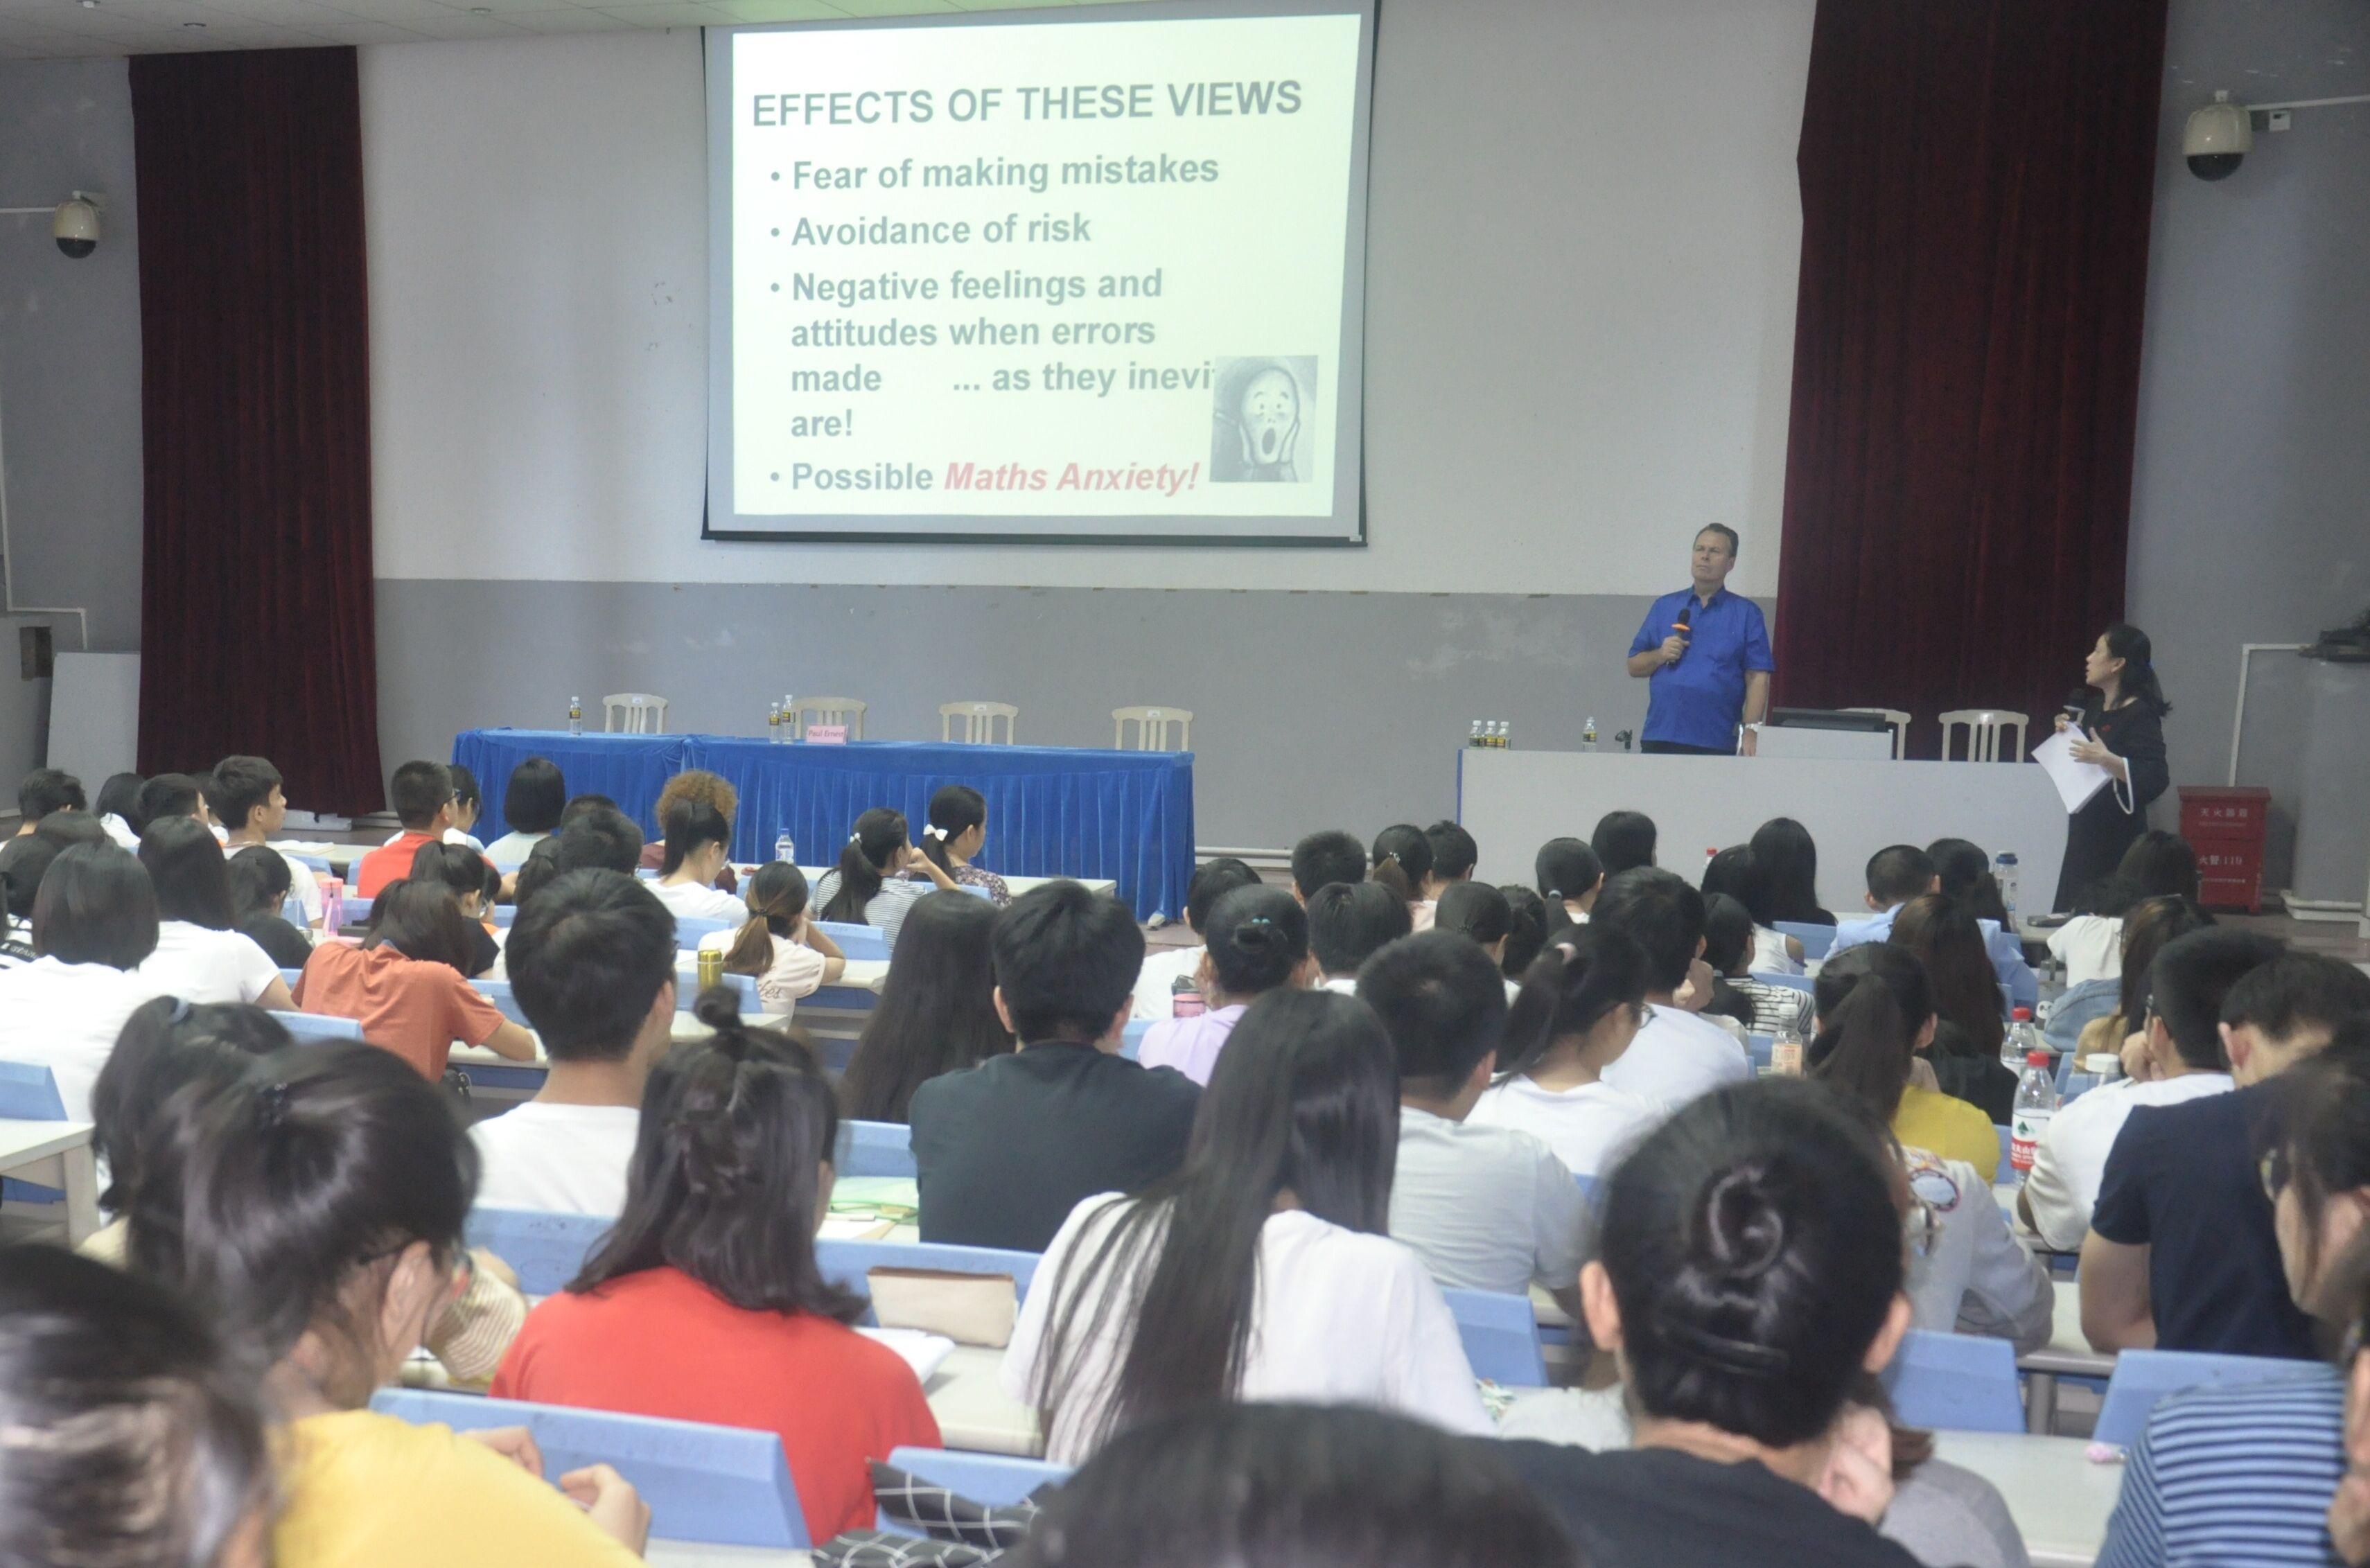 英国数学教育专家Paul Ernest教授应邀来我院讲座